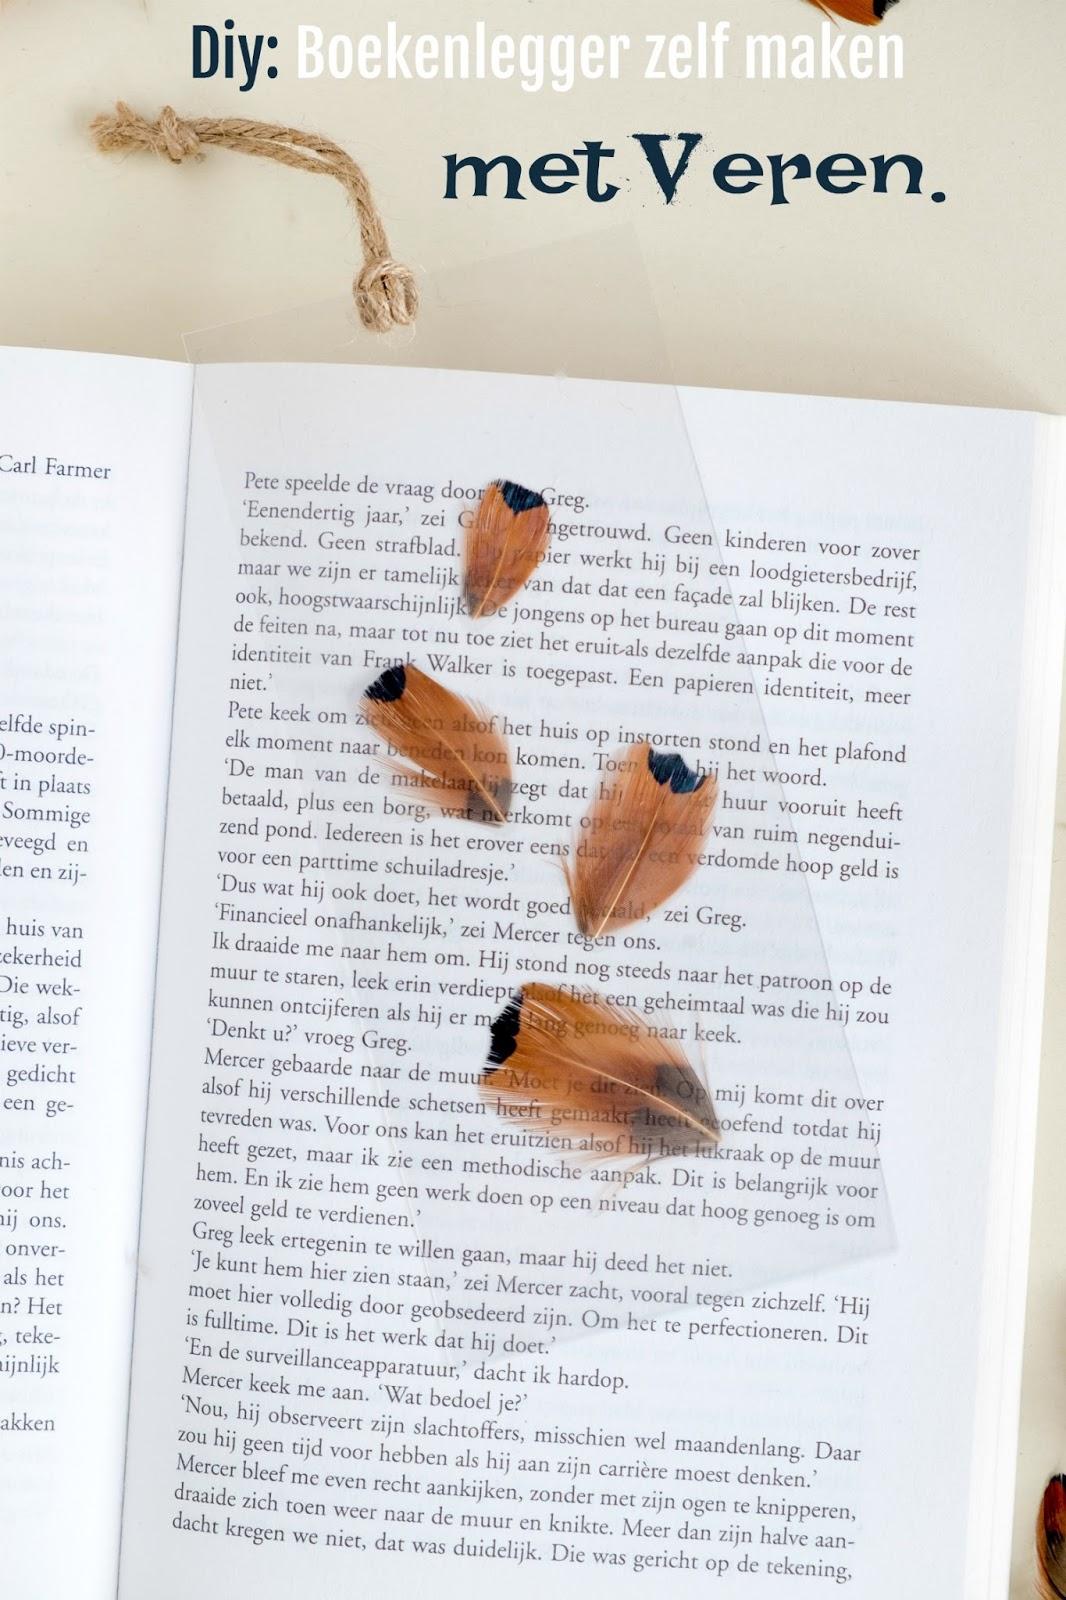 Diy: Boekenlegger zelf maken met veren